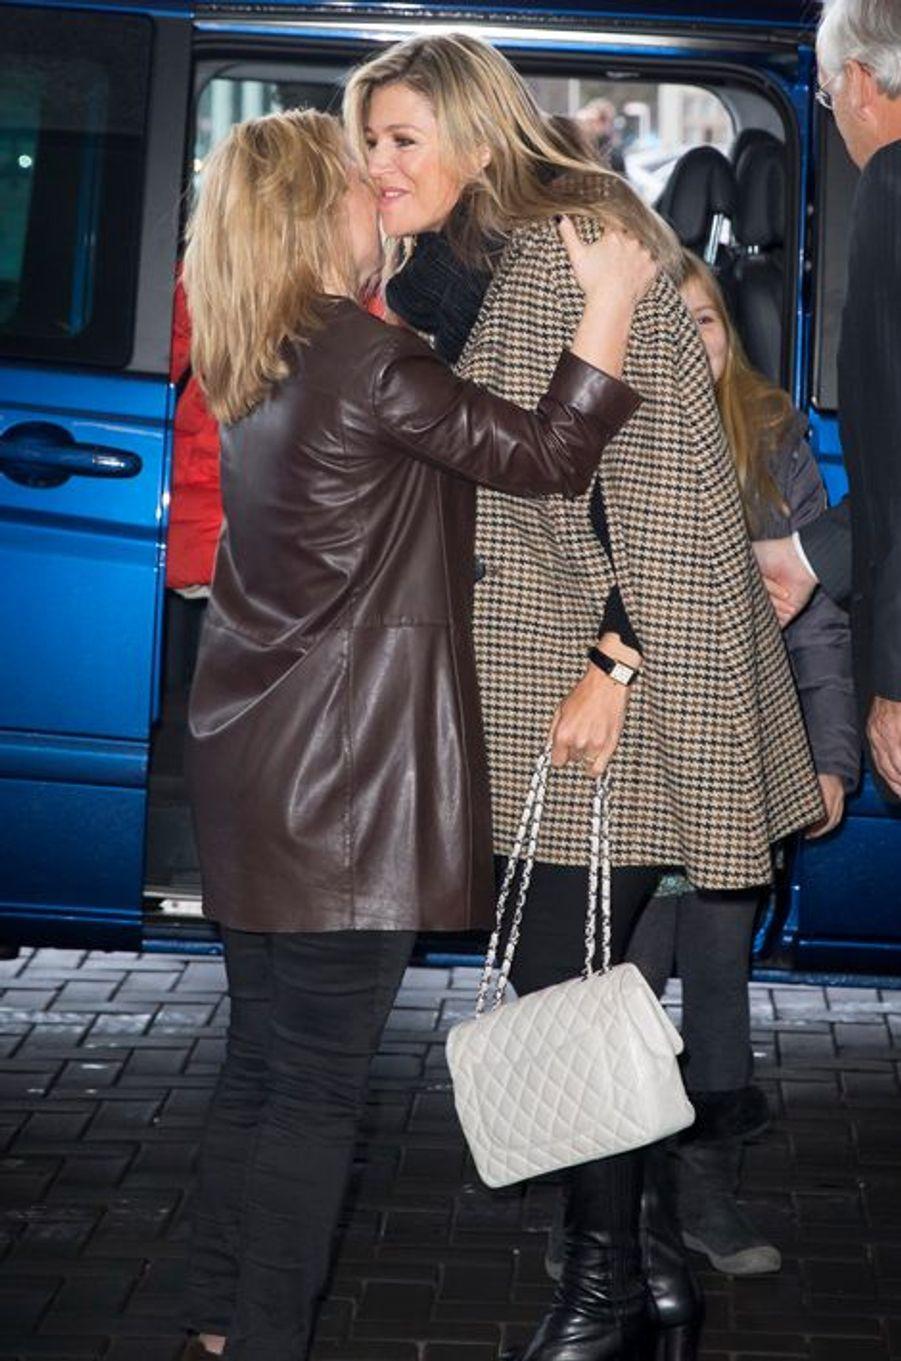 La reine Maxima et princesse Margarita de Bourbon Parme au Jumping Amsterdam, le 1er février 2015